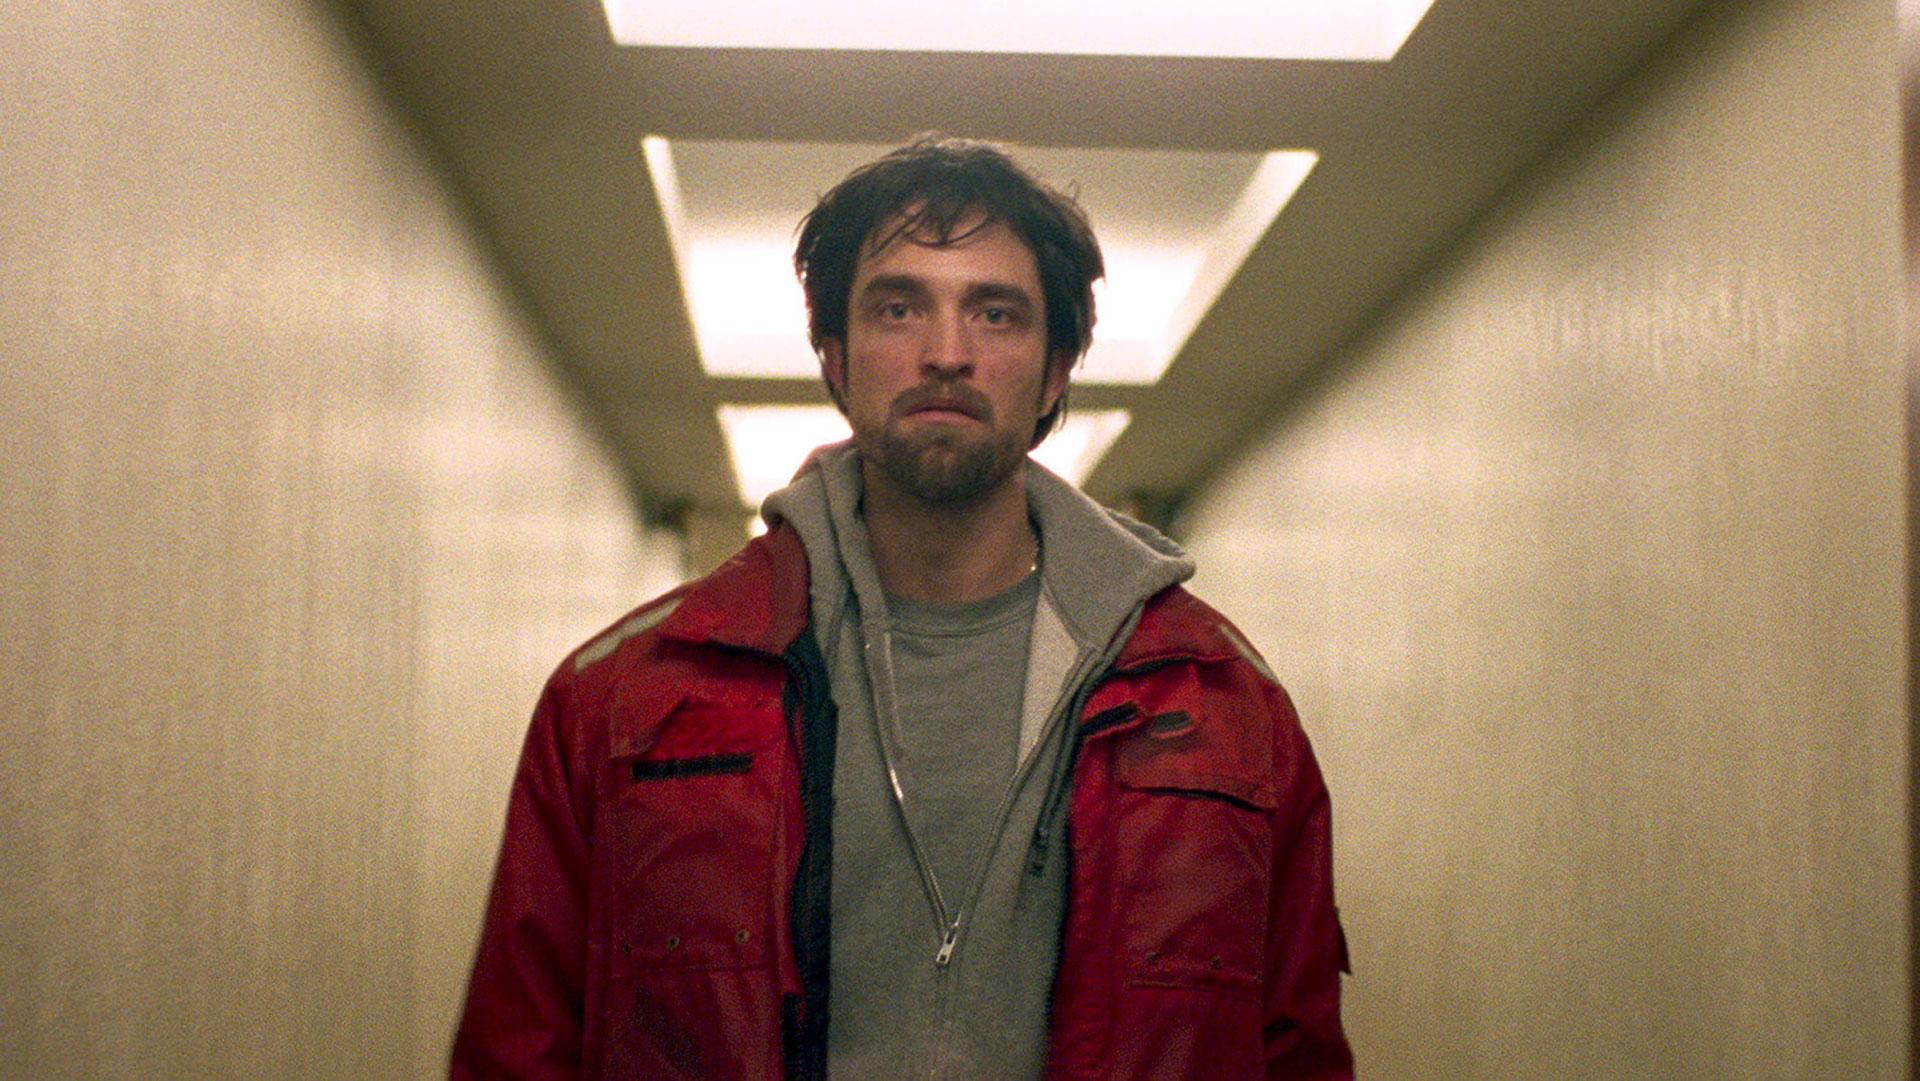 """Comenzamos el año con uno de los mejores títulos del Festival de Cannes del año anterior, """"Good Time"""", con un Robert Pattinson que ya se olvidó de Crepúsculo, felizmente"""